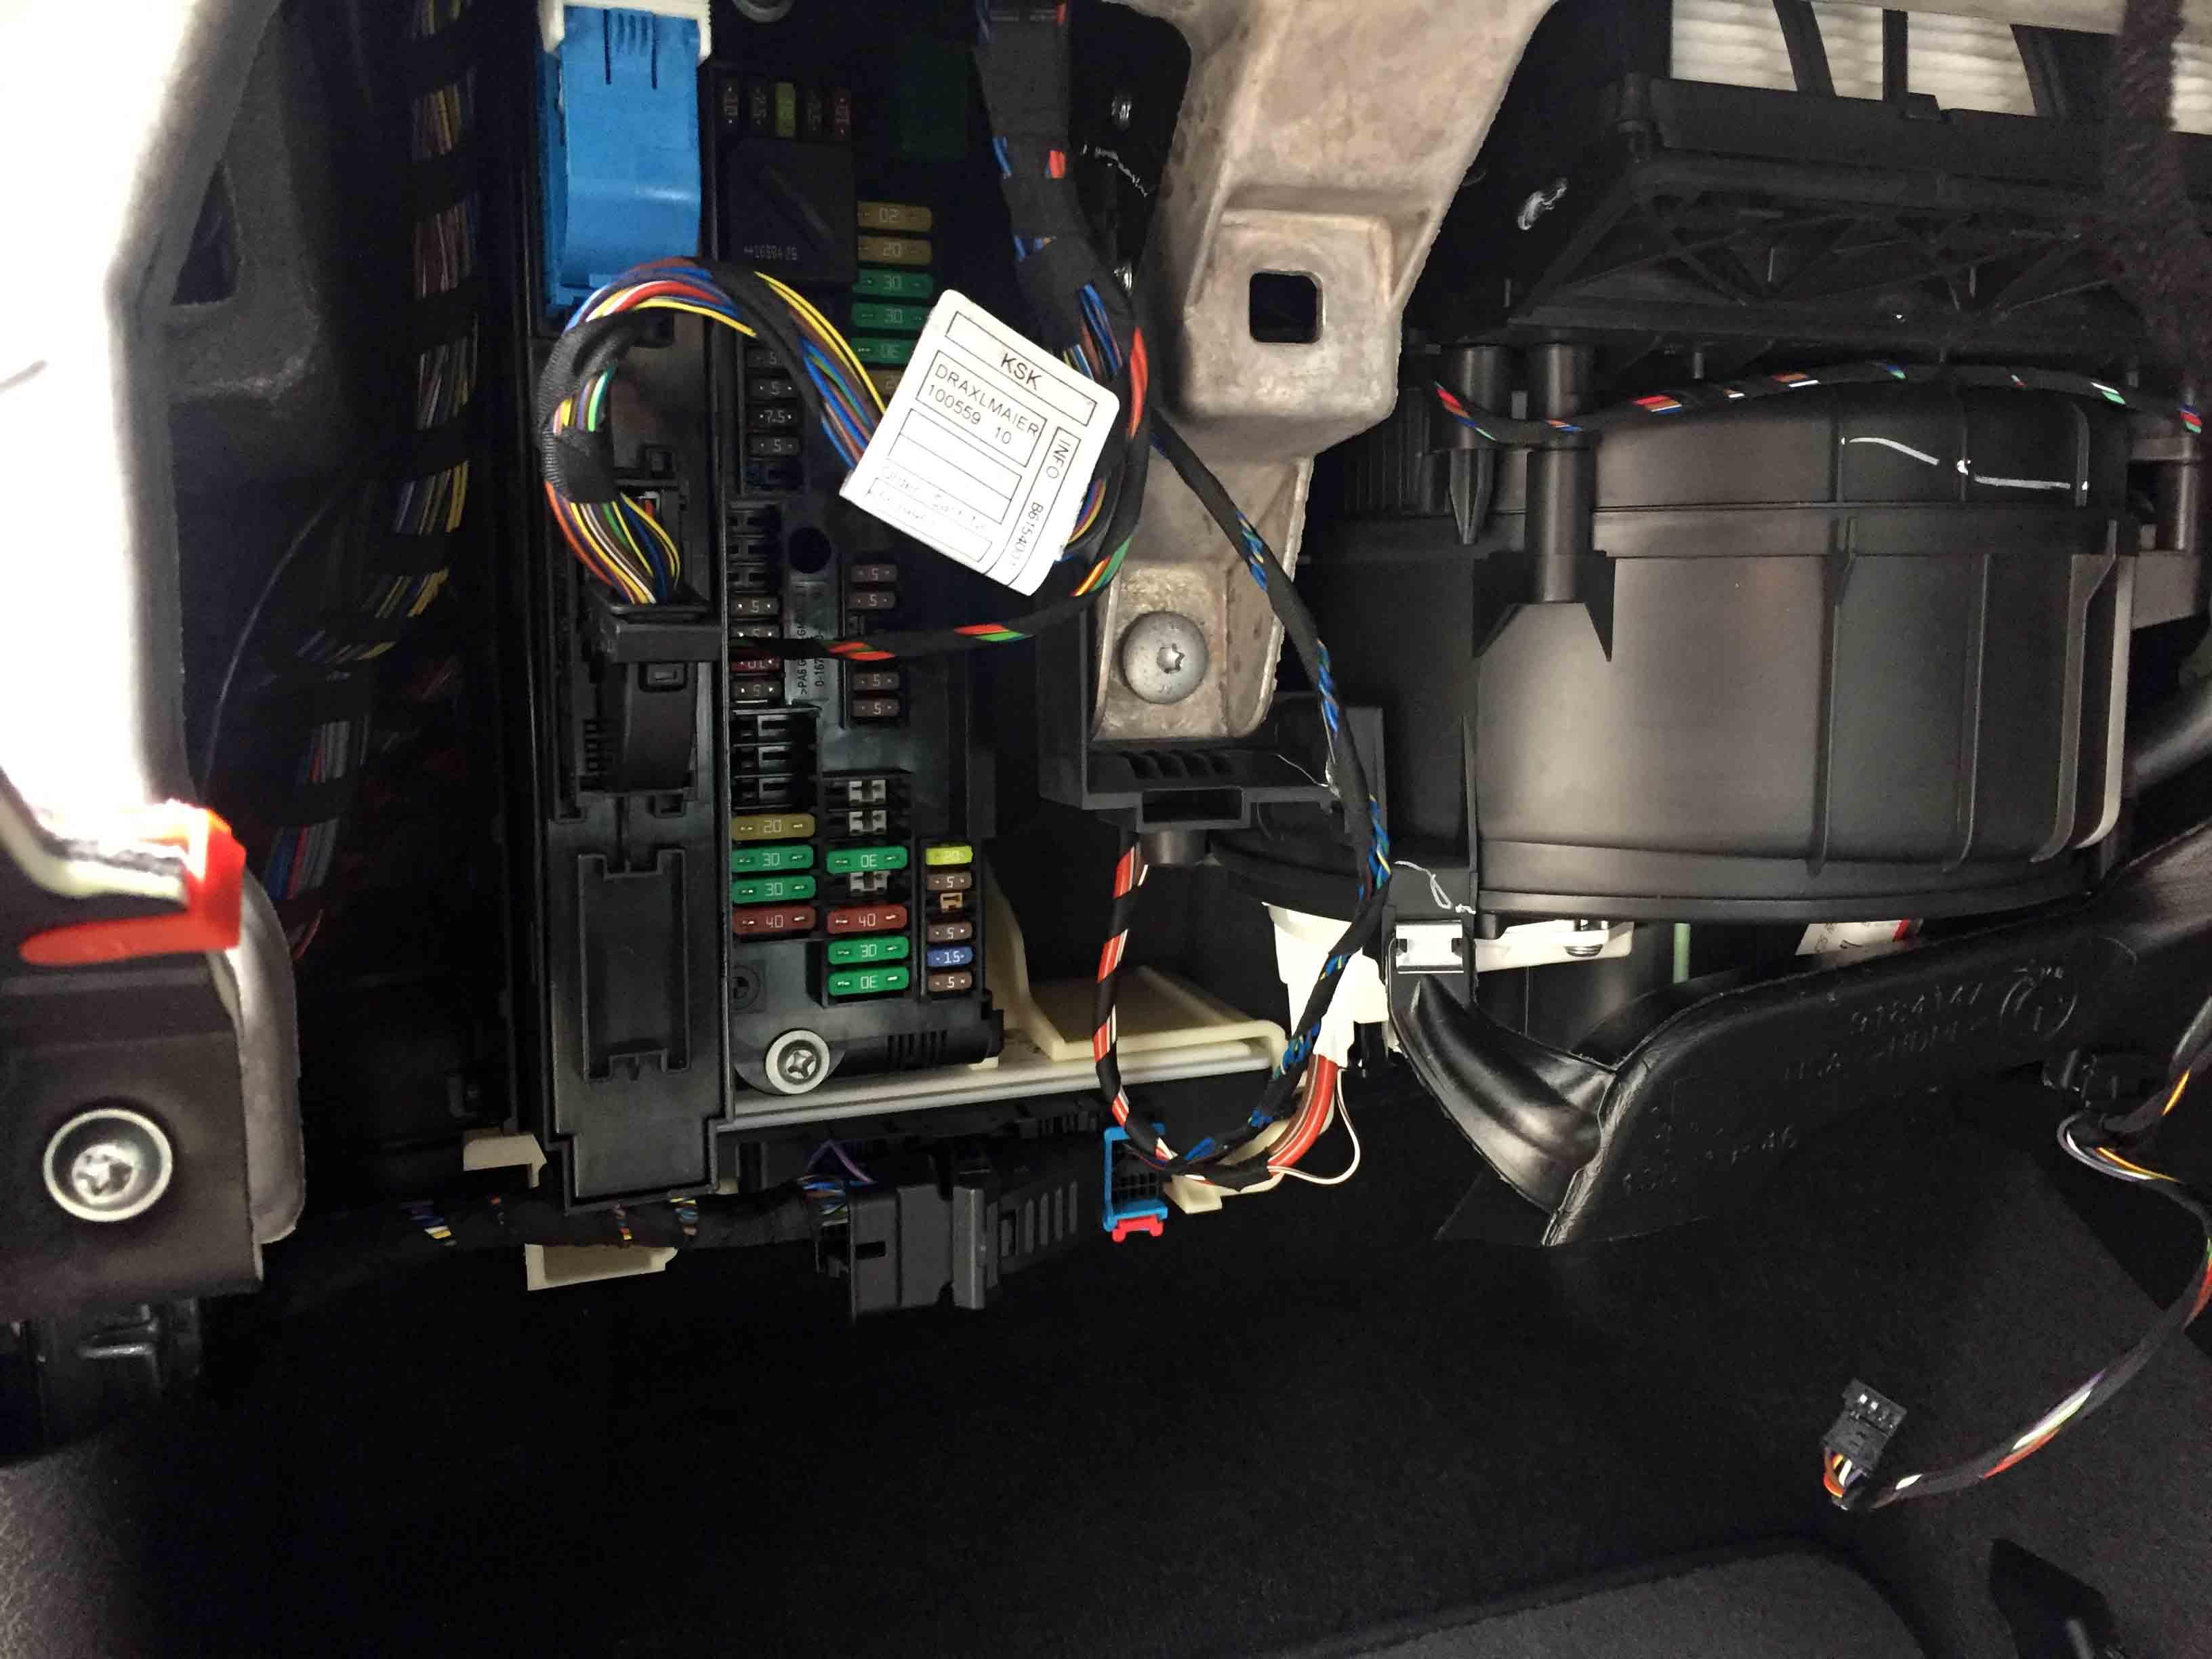 BMW X3 F25へドライブレコーダーを取り付けるための電源をヒューズボックスから取り出します